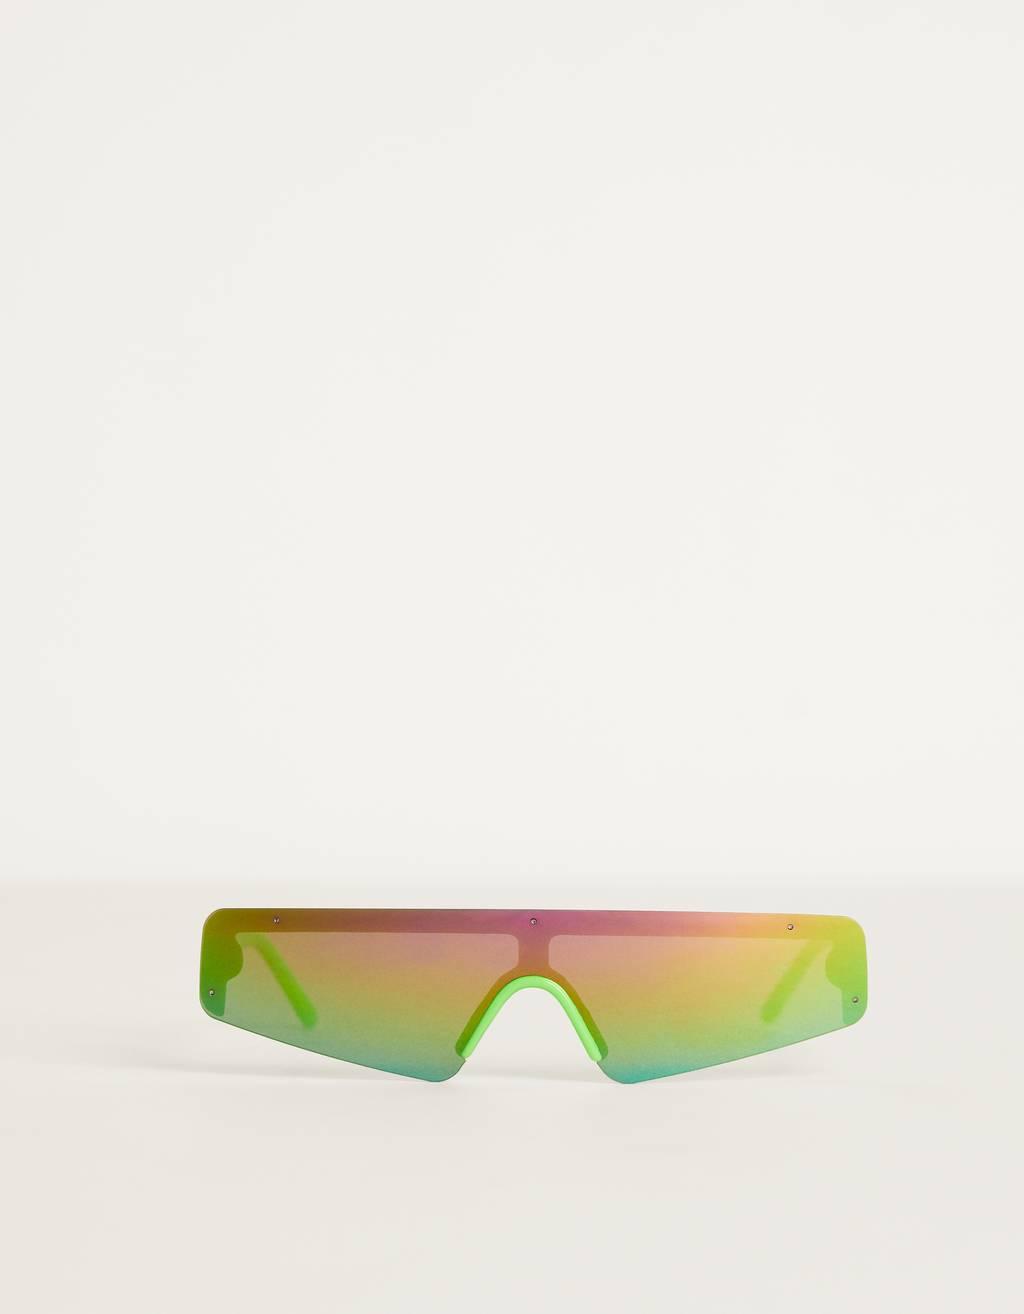 Neon shield sunglasses